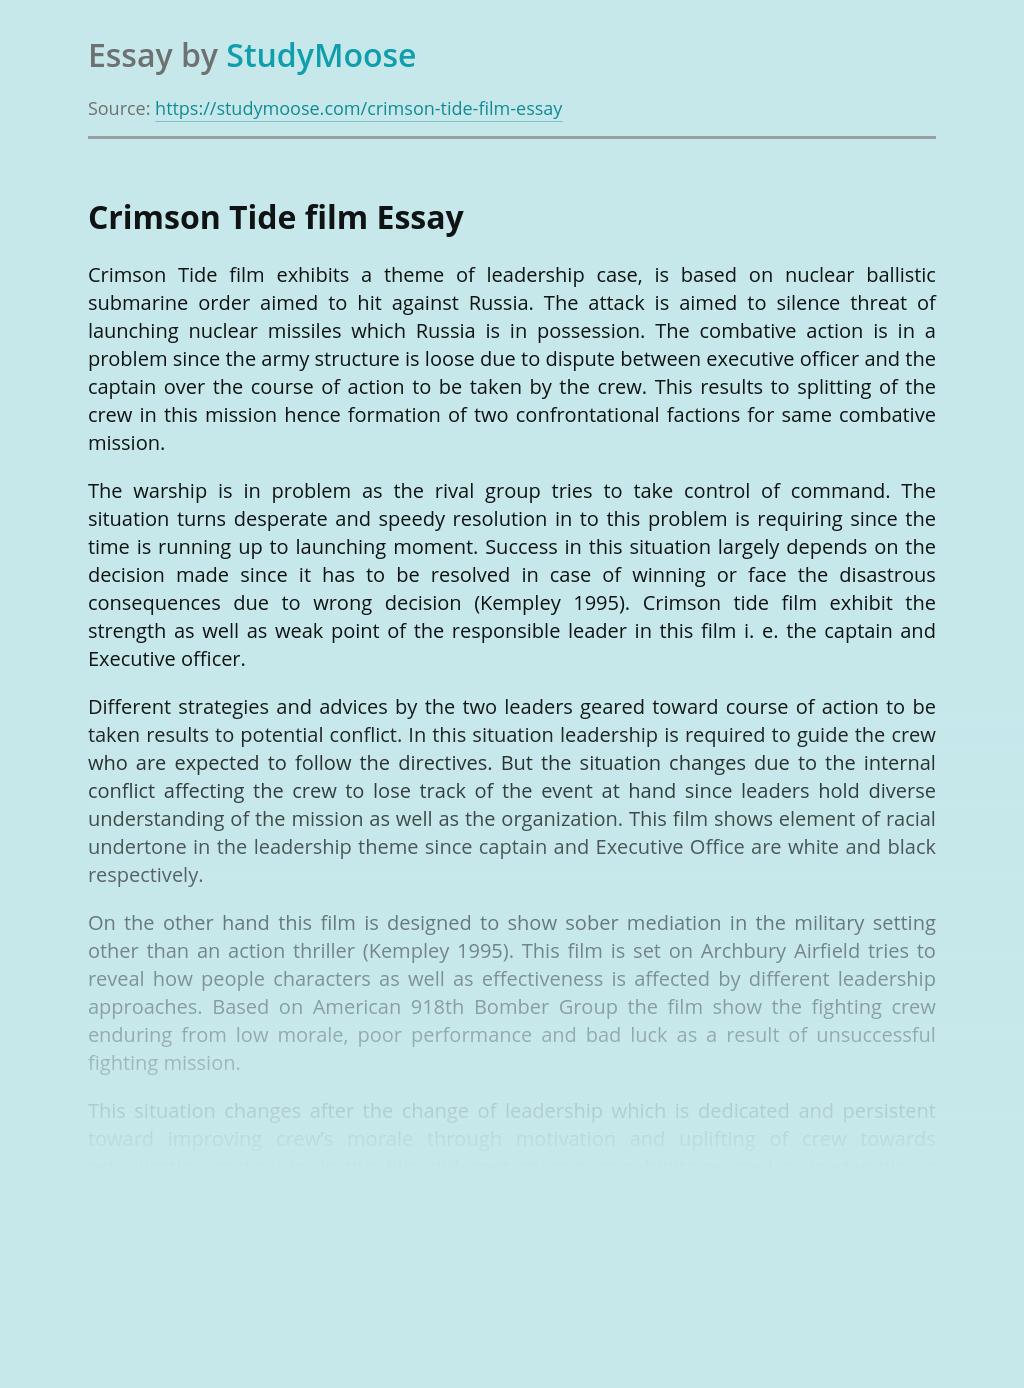 Crimson Tide film